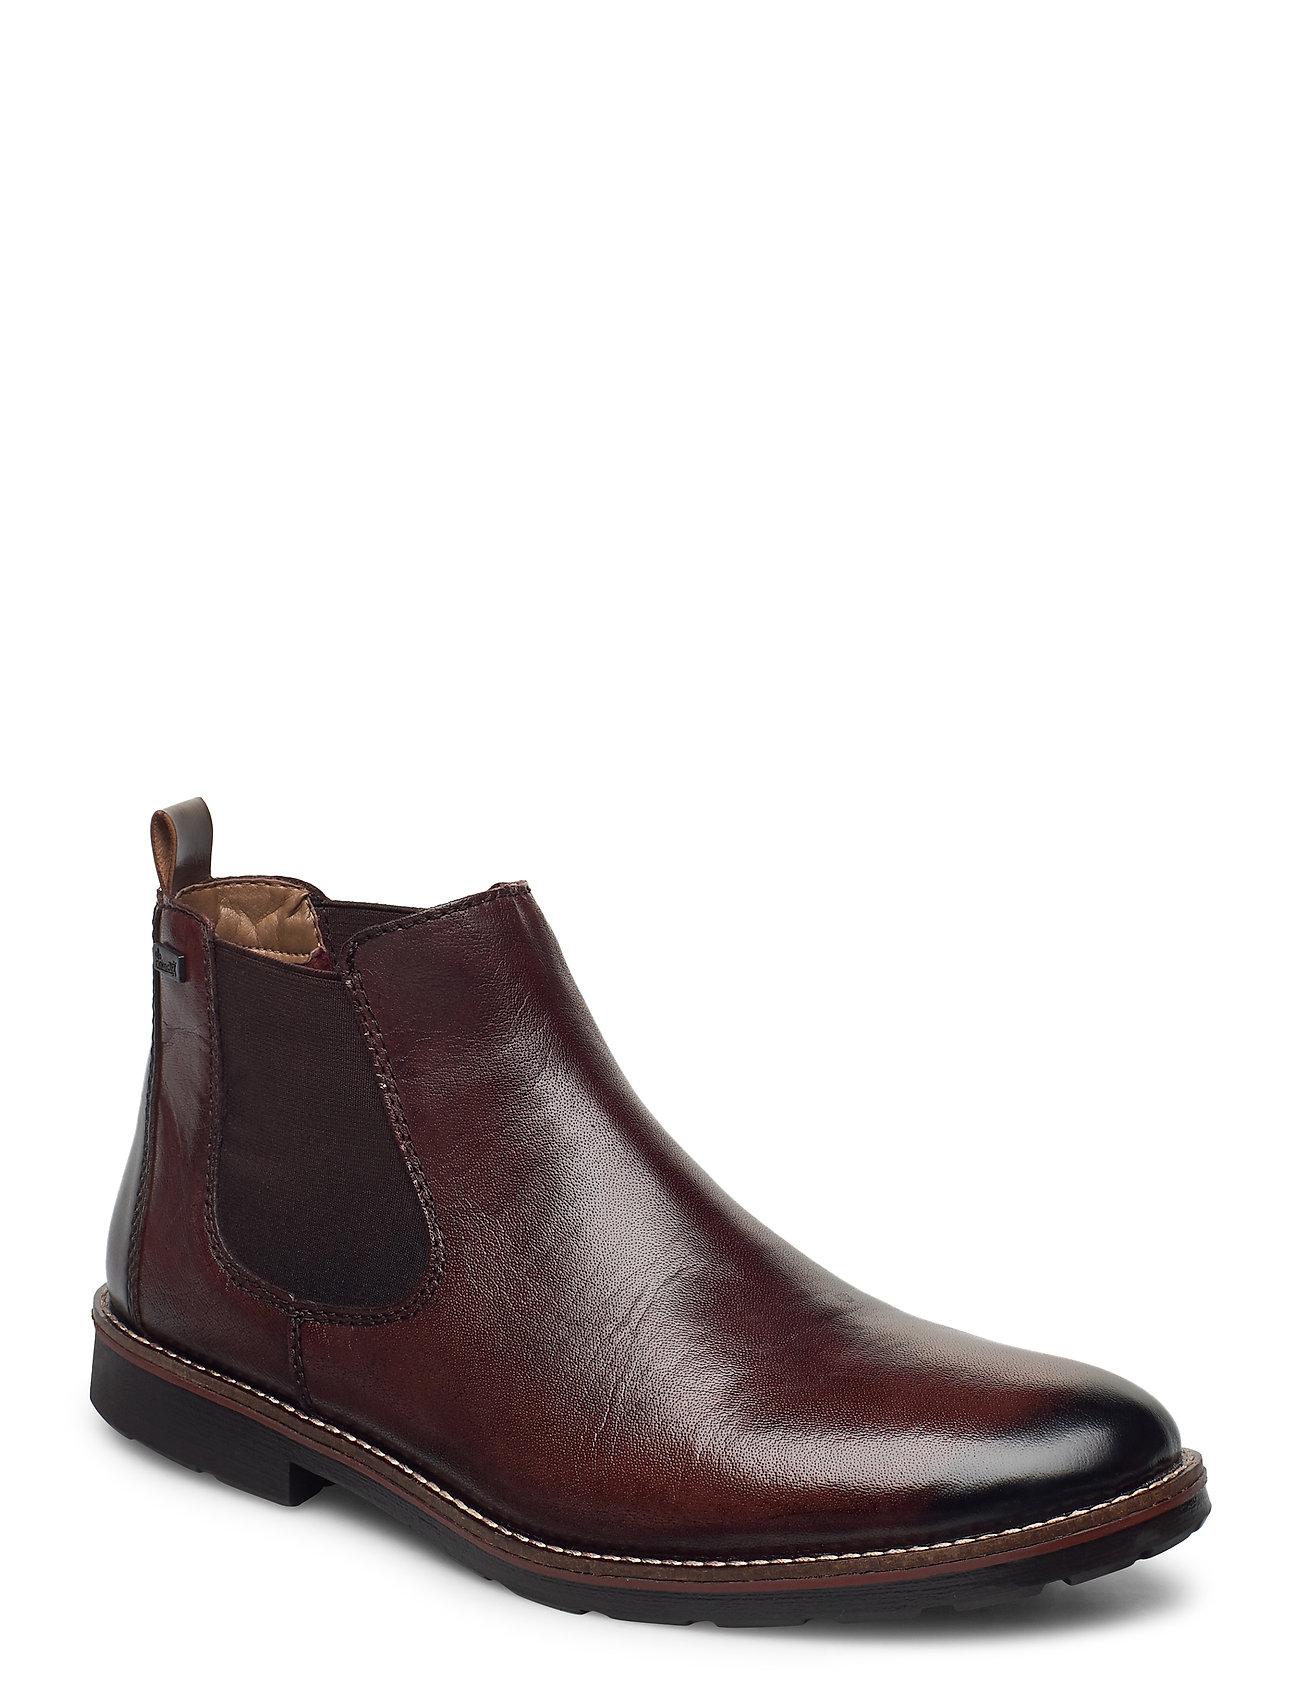 35382-25 Støvlet Chelsea Boot Brun Rieker